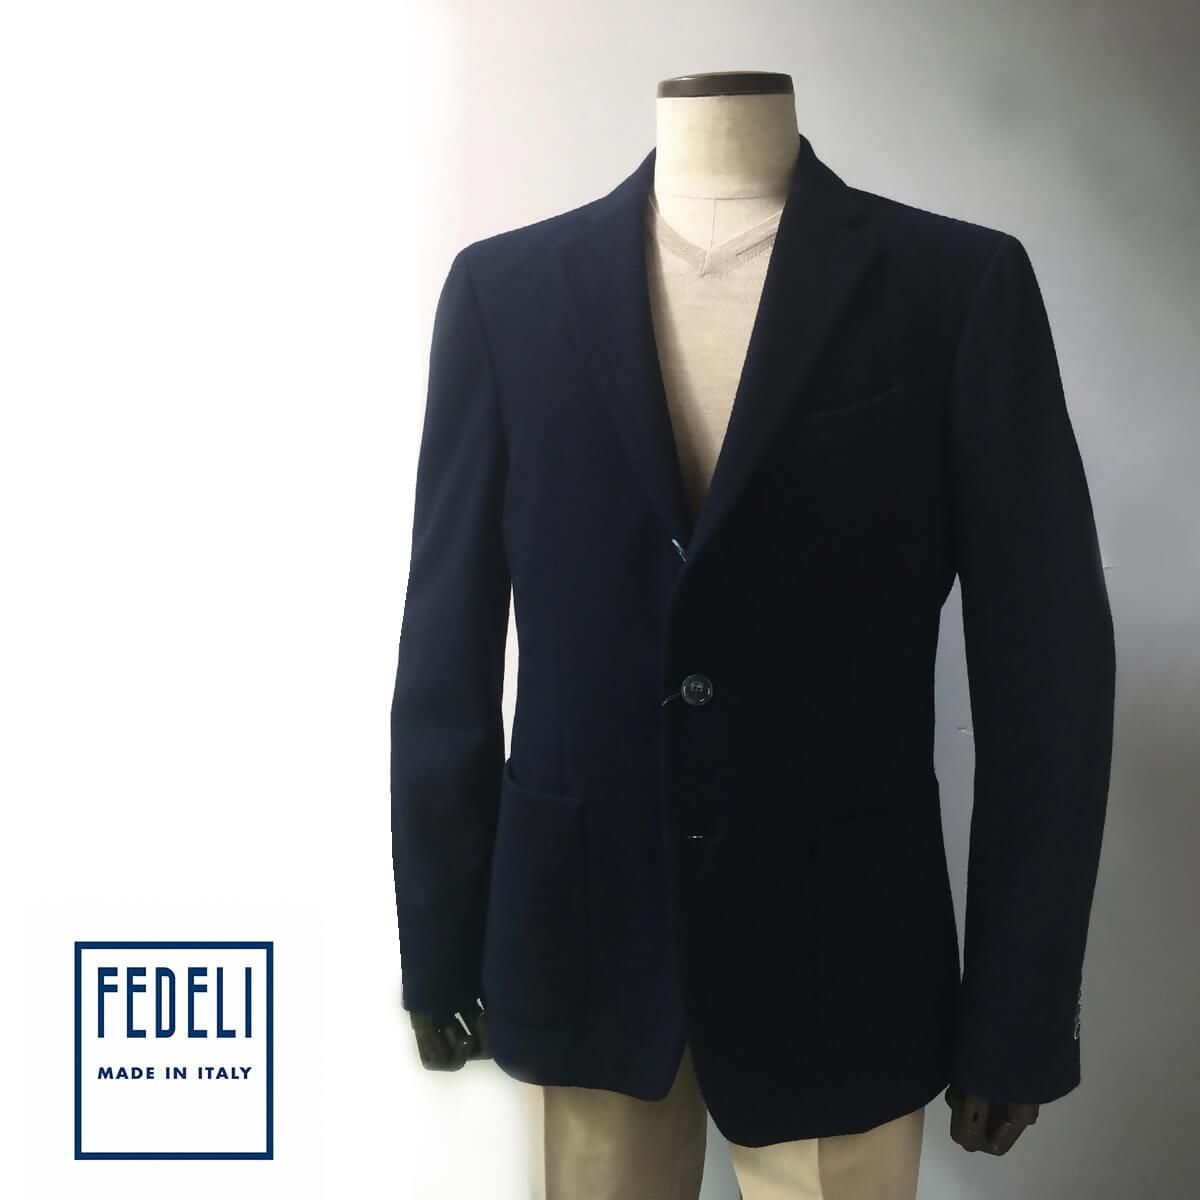 FEDELI (フェデーリ) テーラードジャケット メンズ カジュアル ネイビー ウール 大きいサイズ 3つボタン ストレッチ おしゃれ